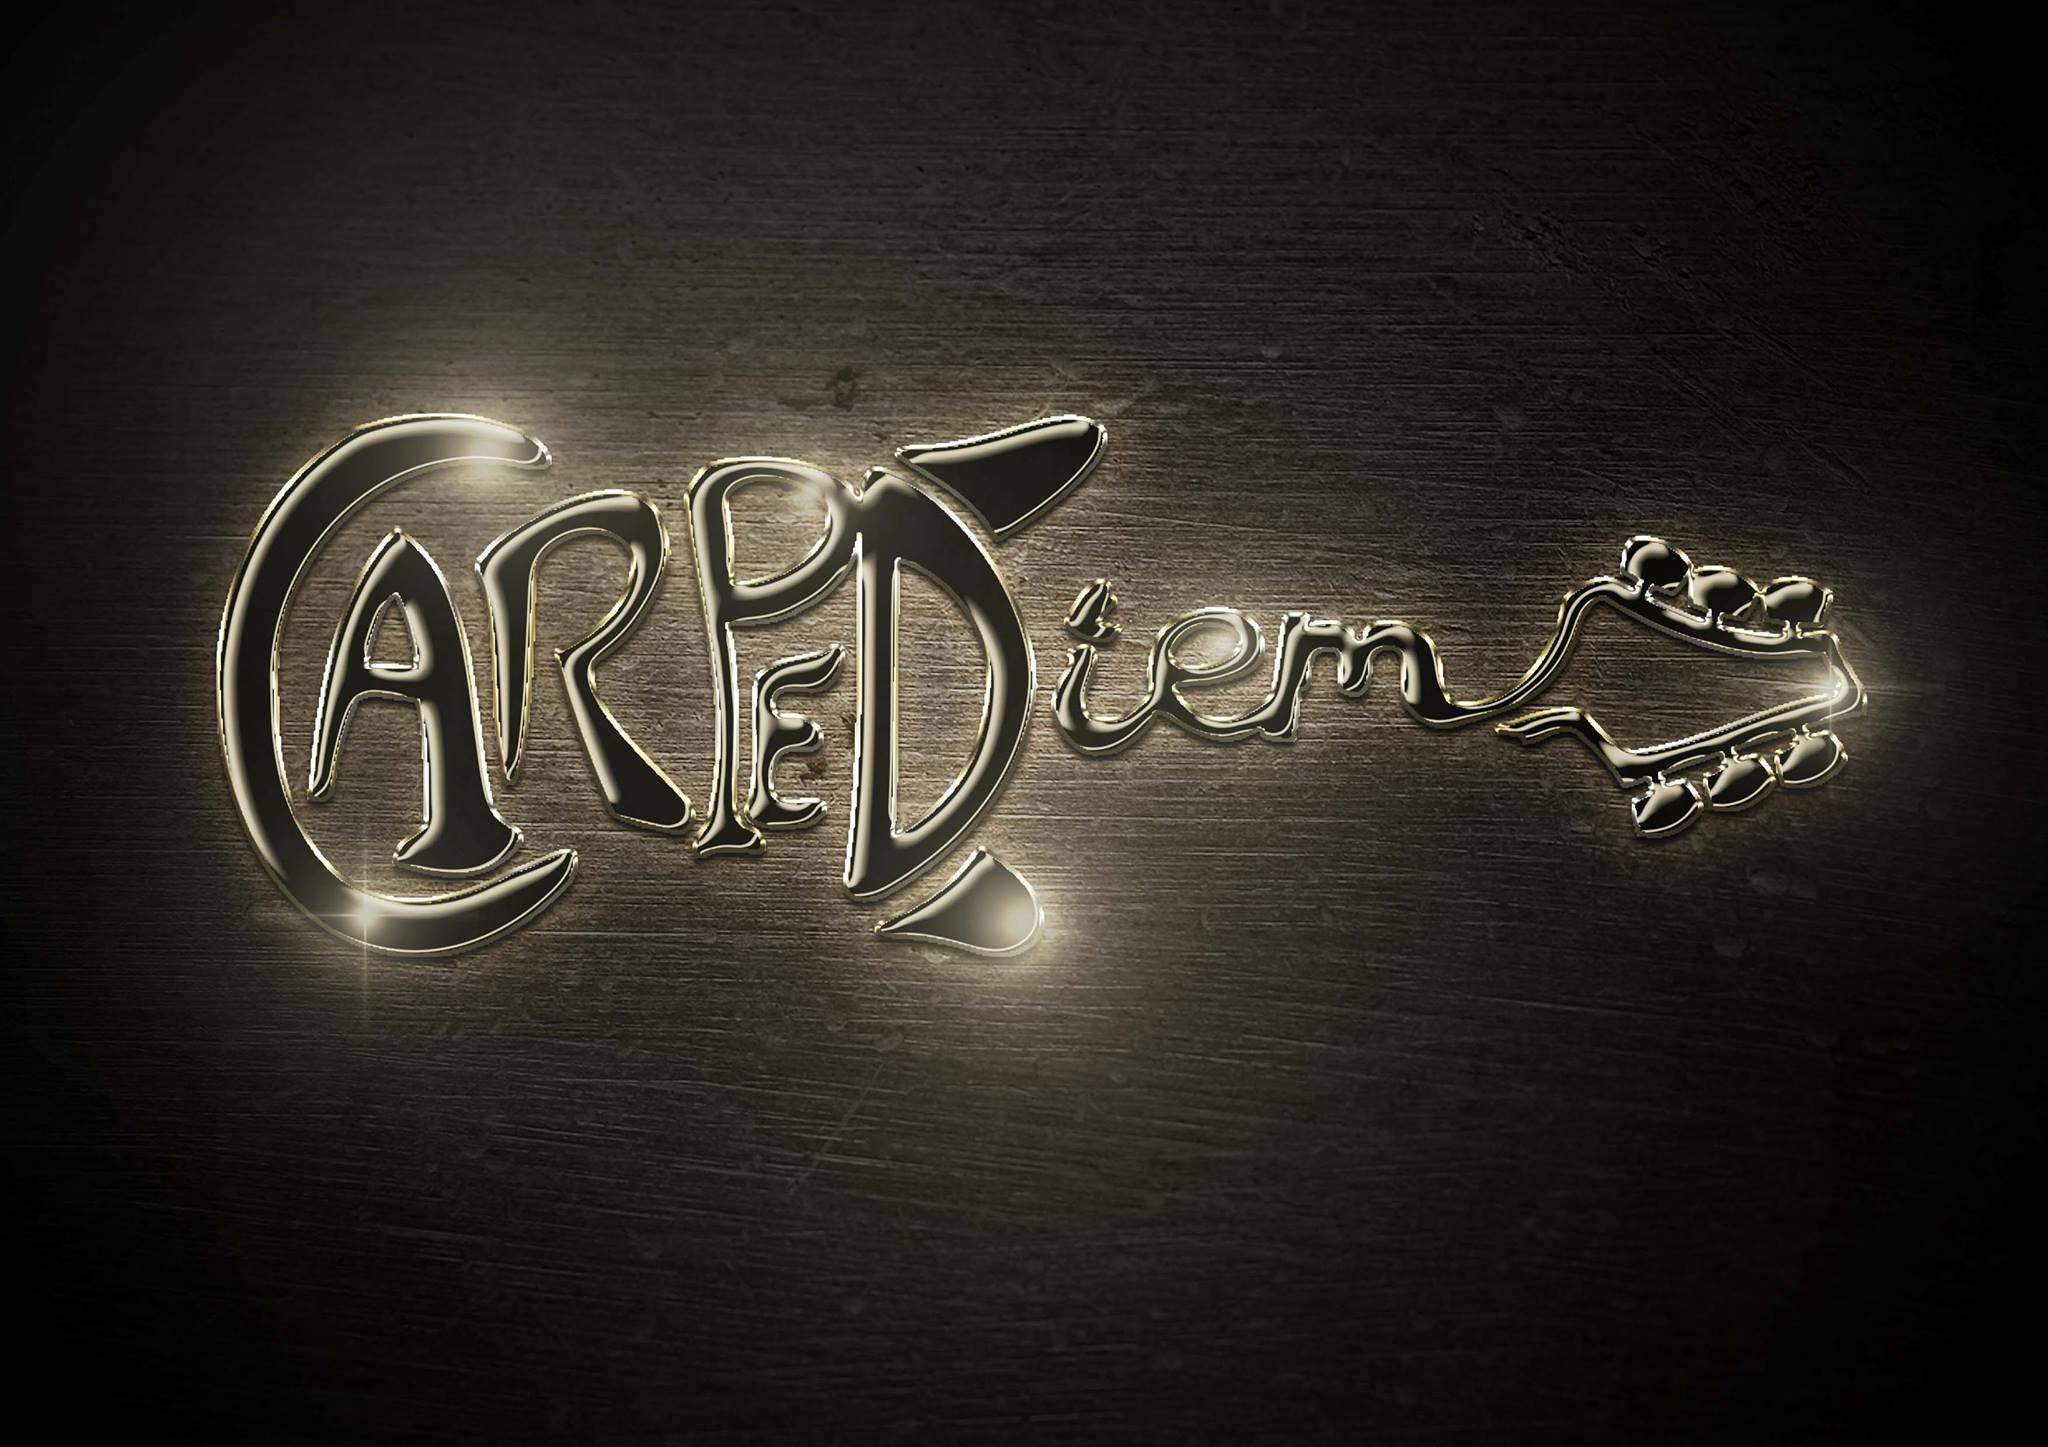 Logo-carpediem-v3